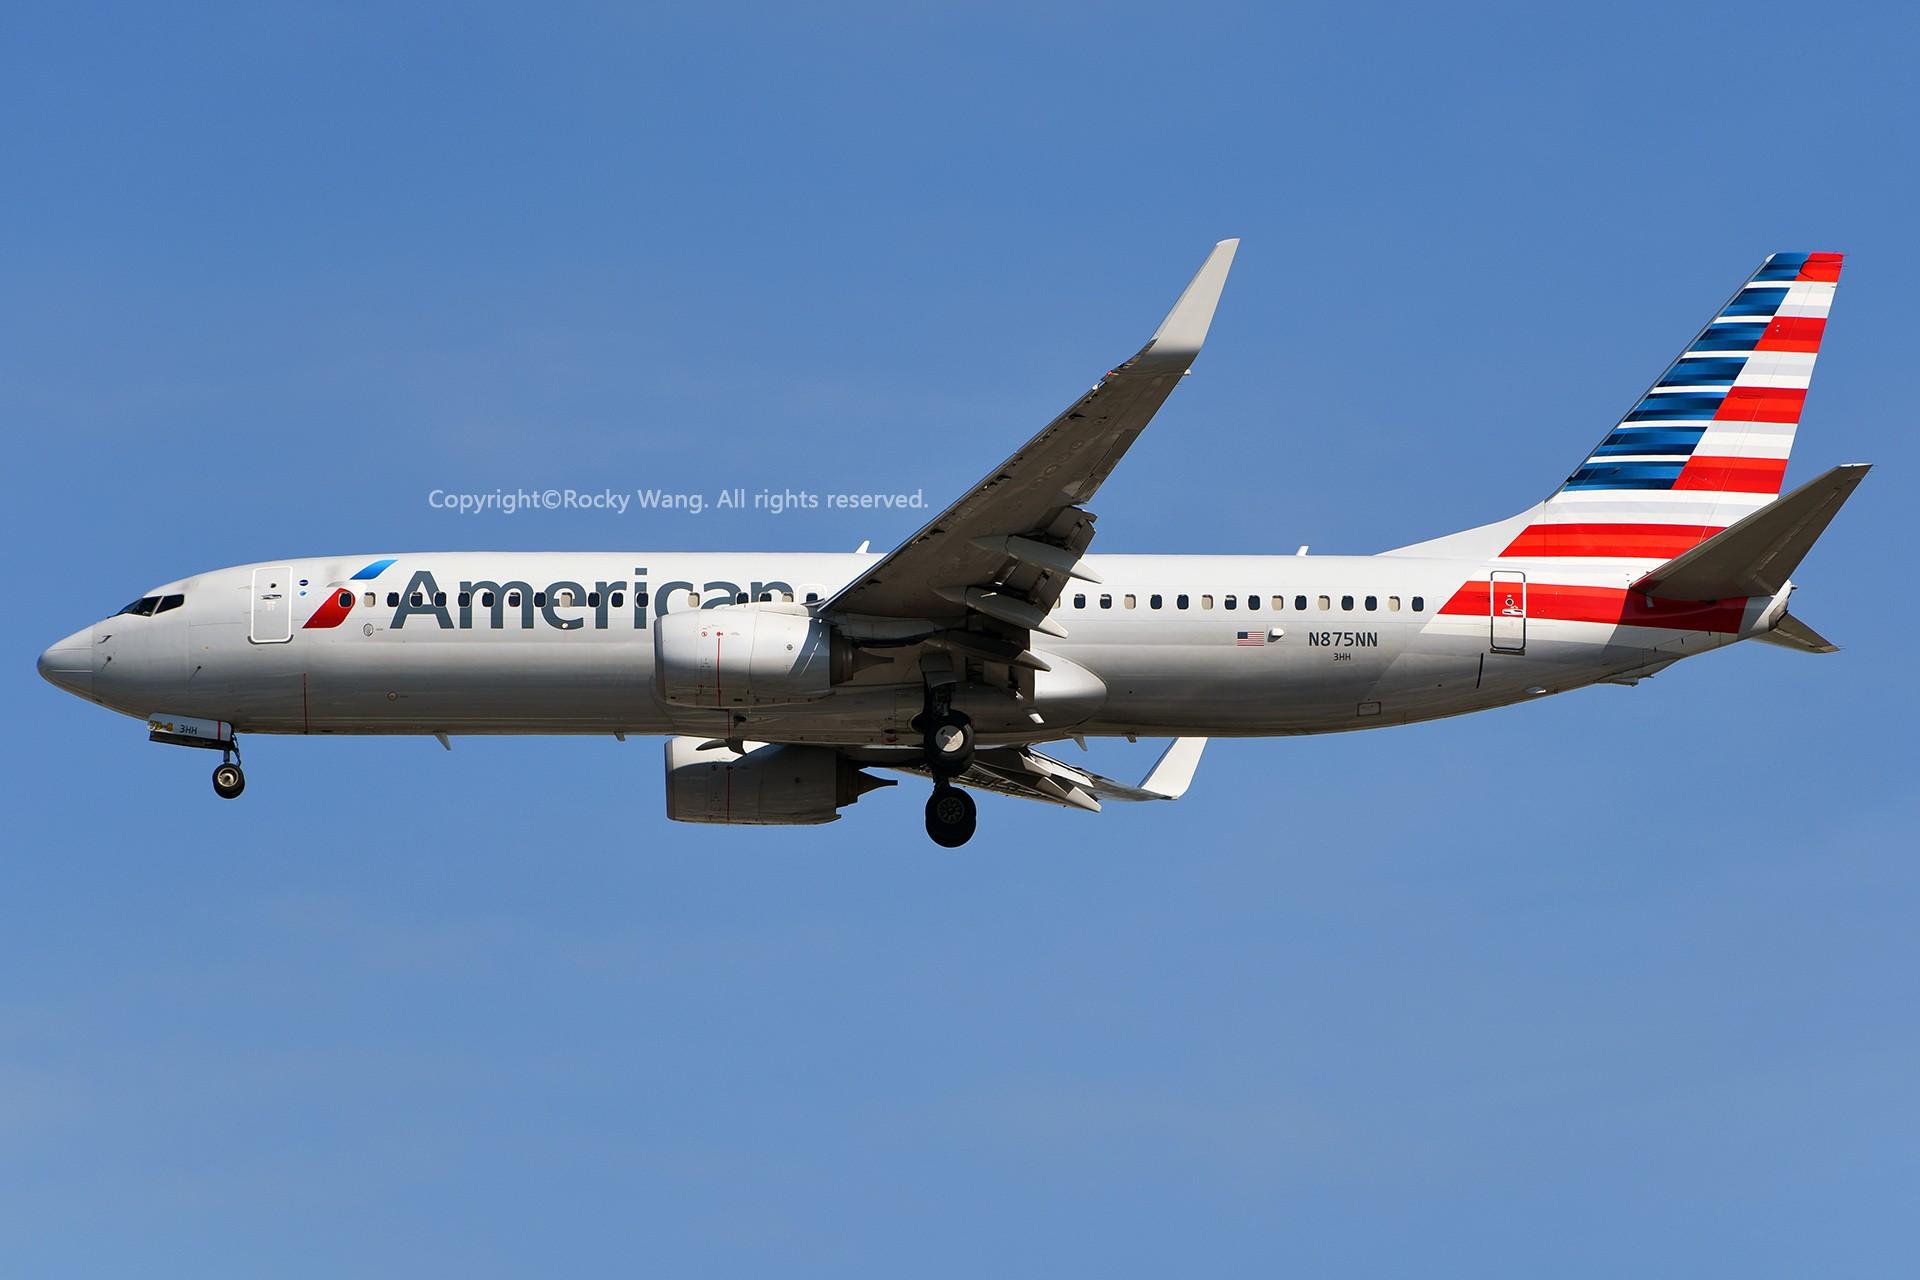 Re:[原创]窄体连连看 BOEING 737-823 N875NN 美国迈阿密机场